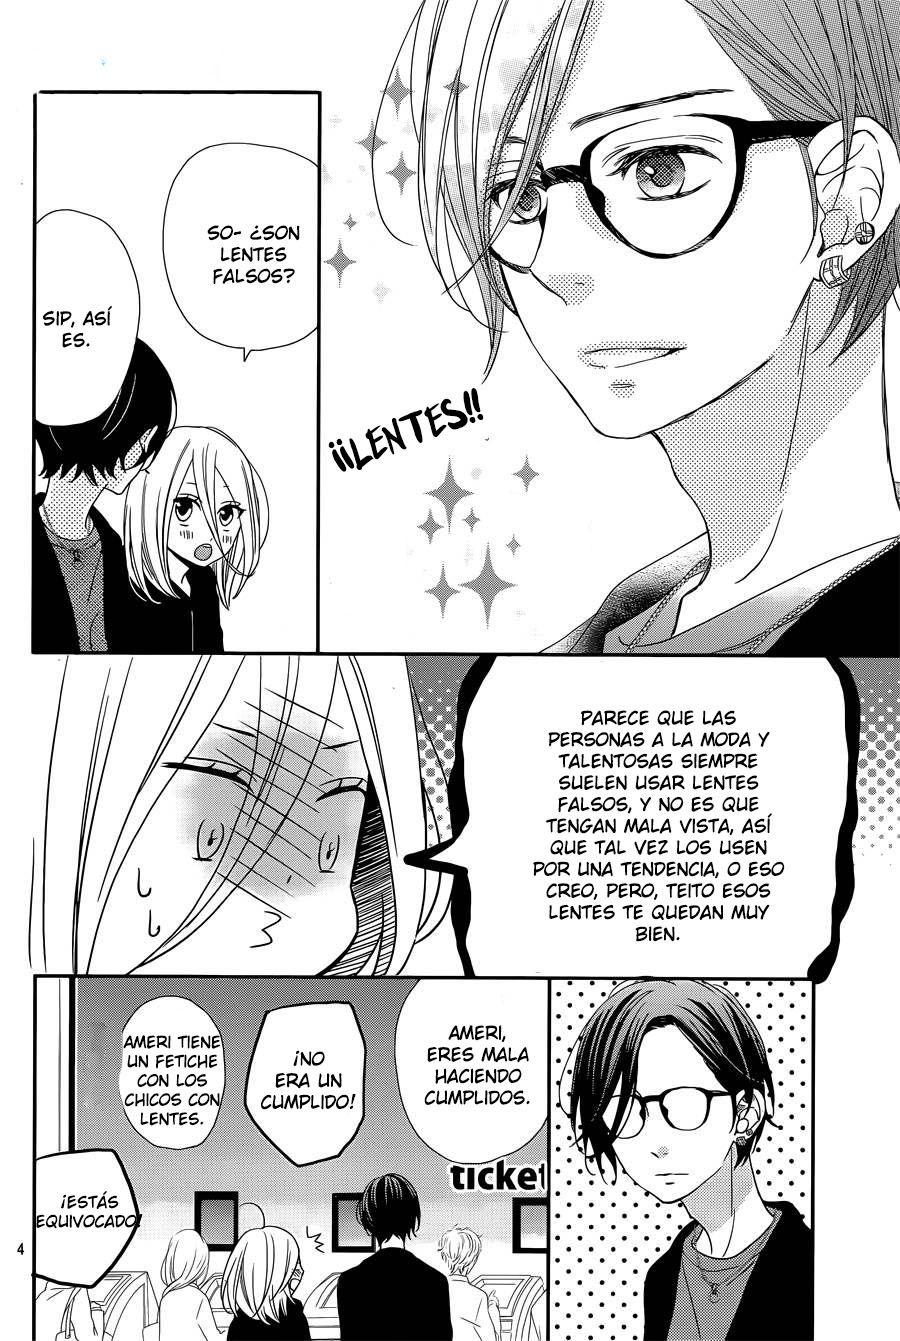 http://c5.ninemanga.com/es_manga/19/19347/473496/0f46fe677ed856f99805fd8ec9236575.jpg Page 5